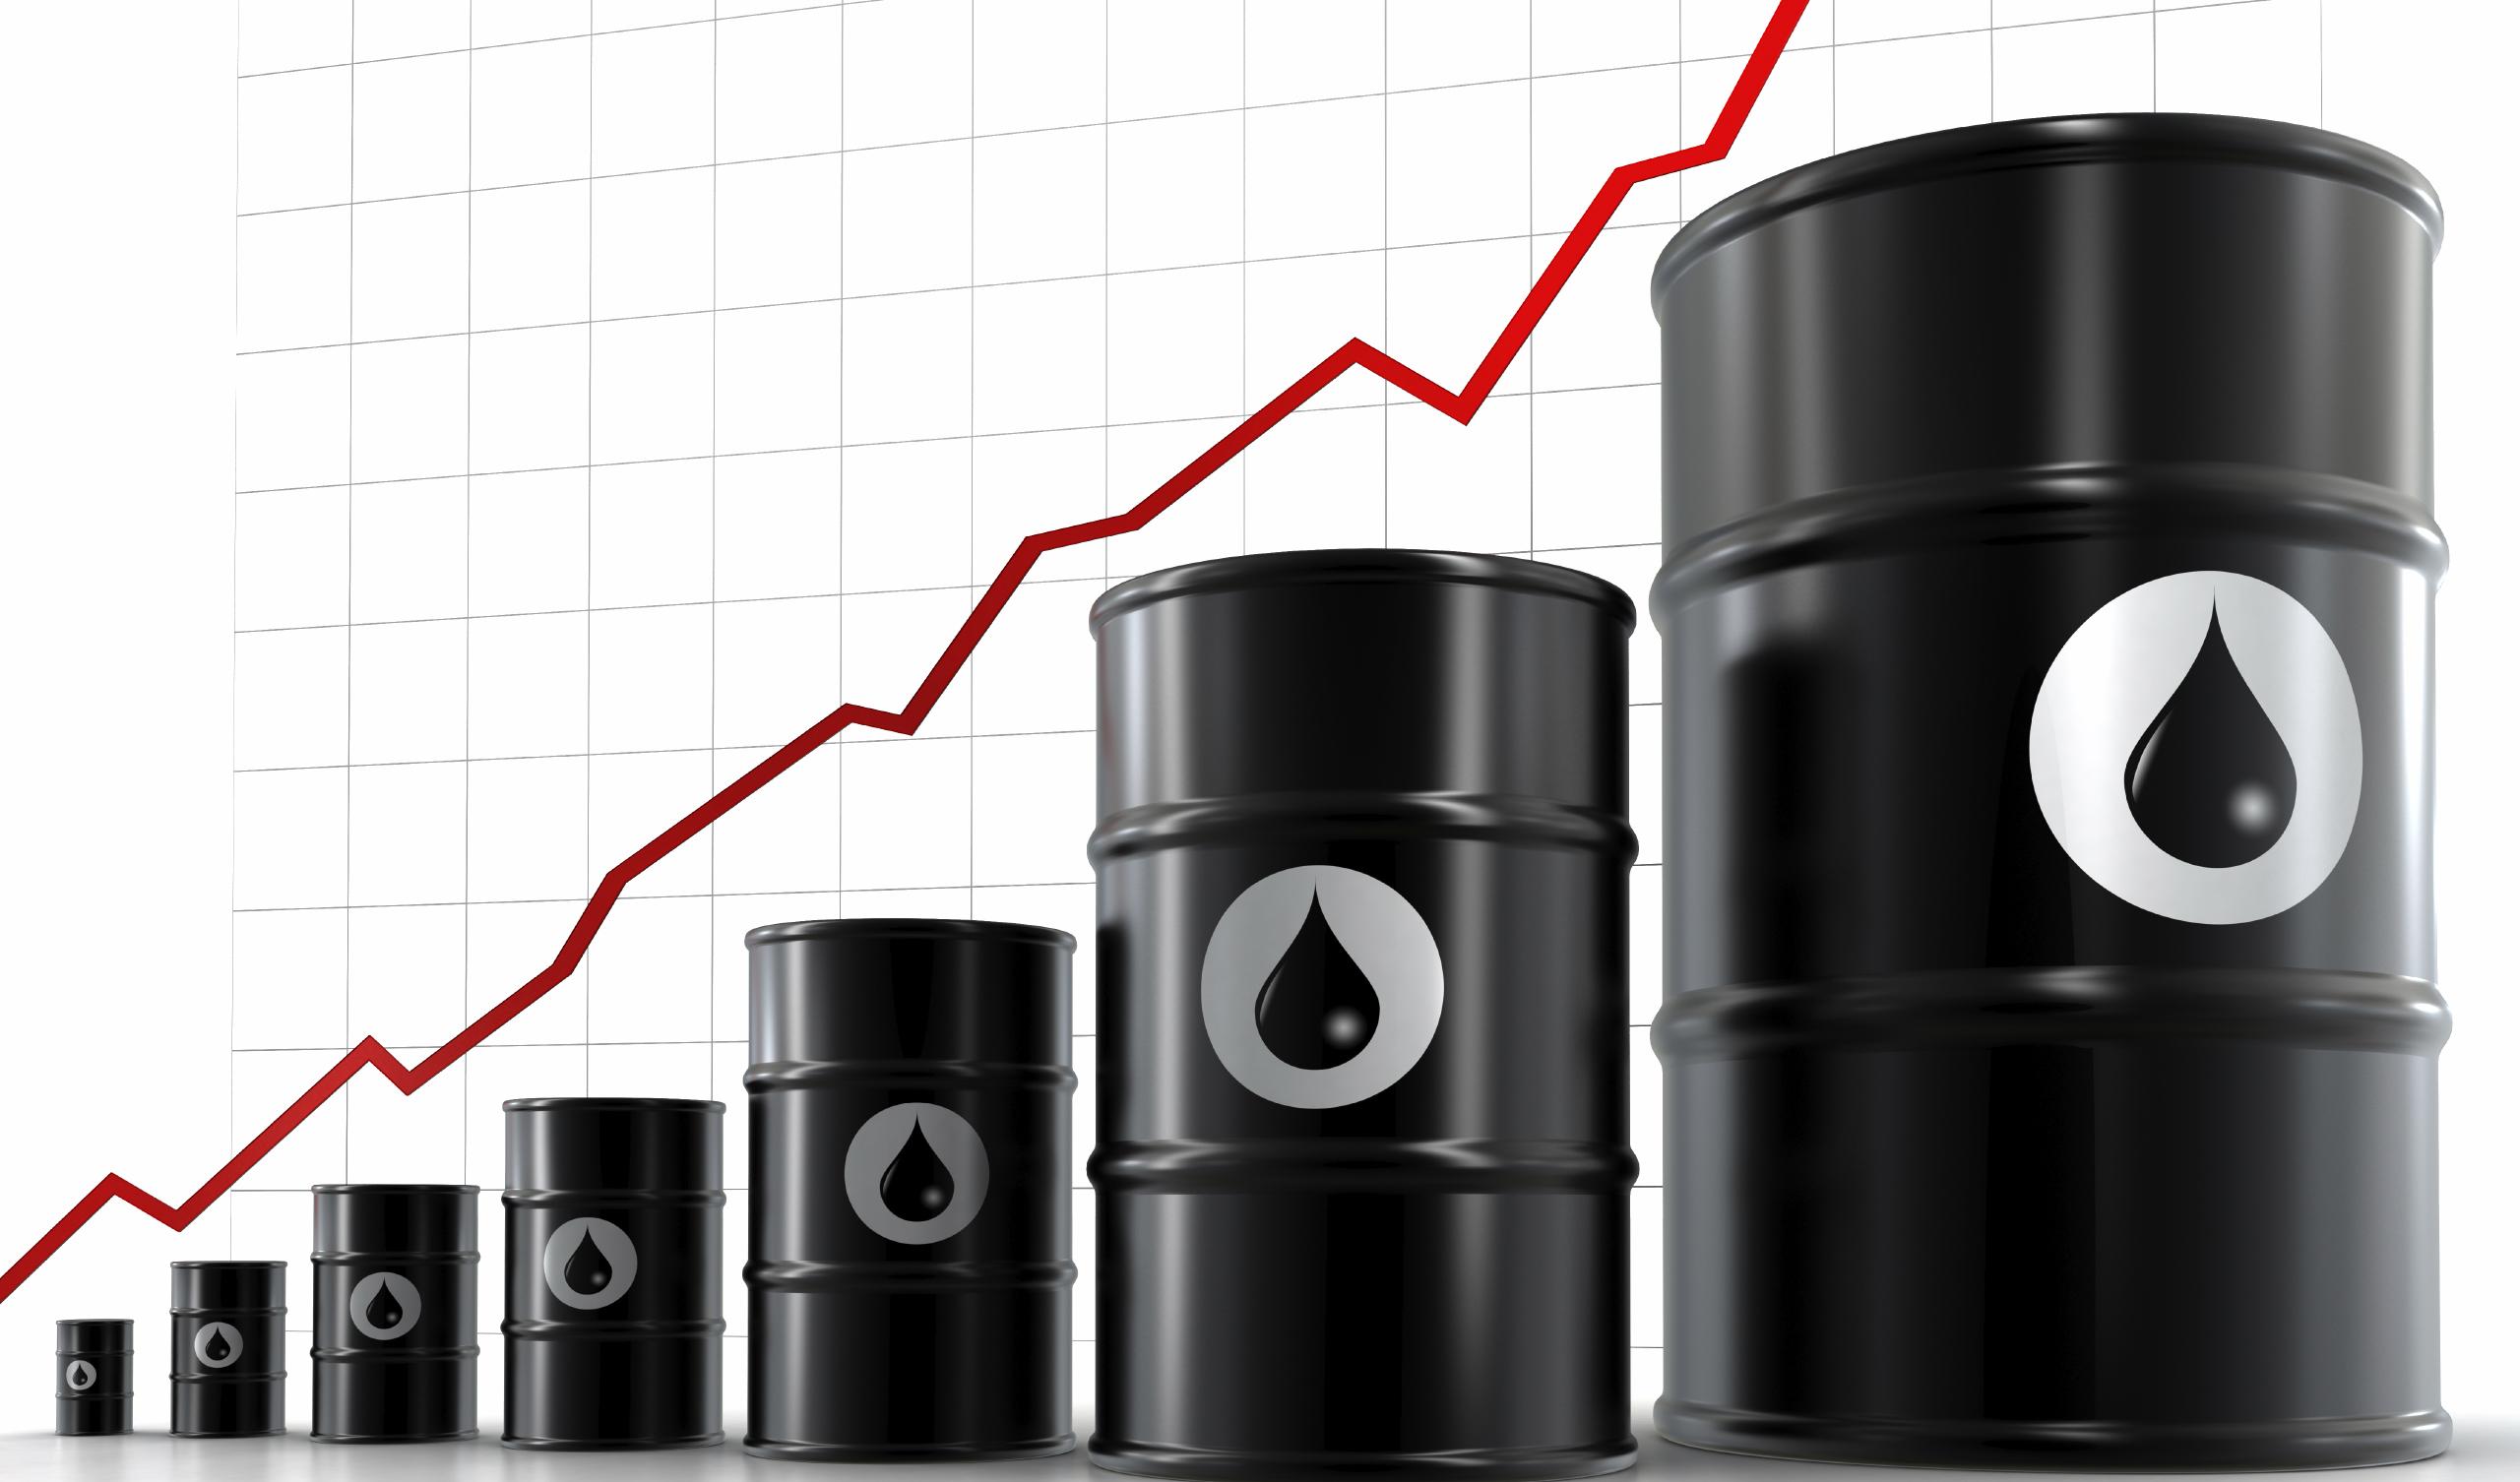 رشد قیمتها با امید به توازن در بازار طلای سیاه